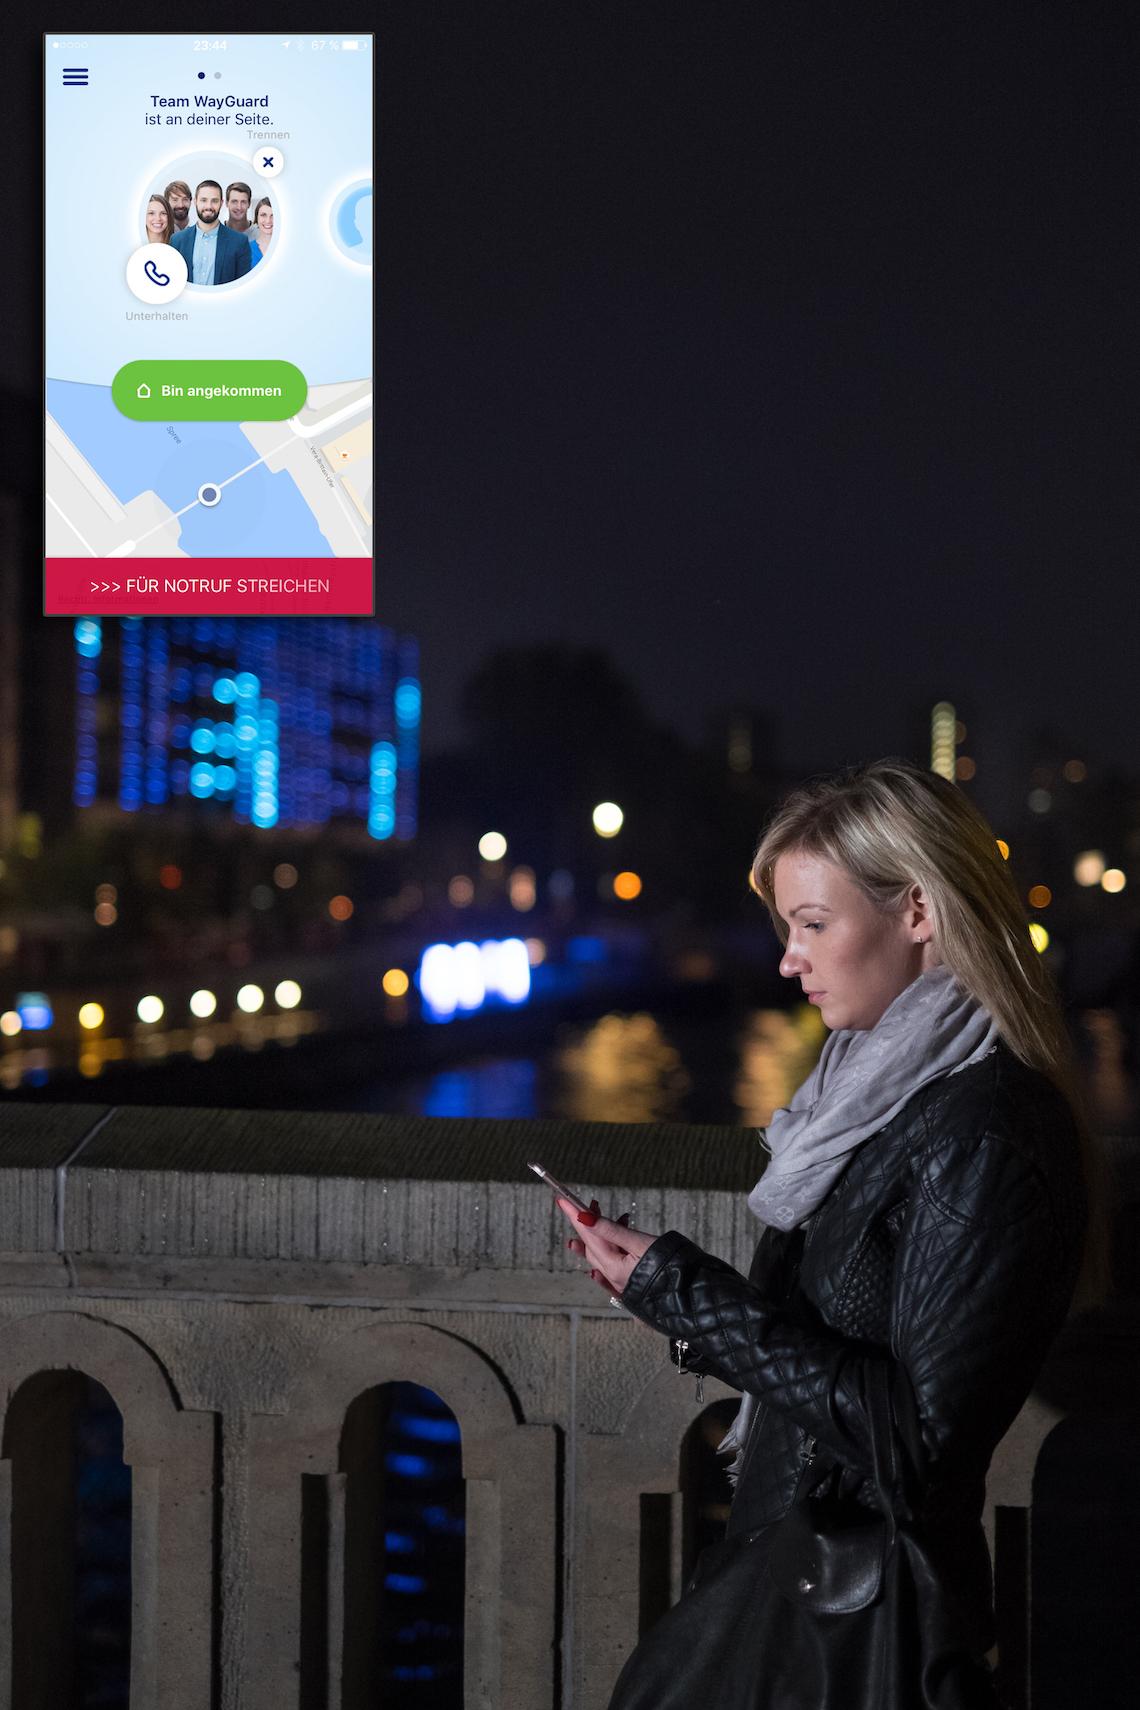 Mädelsschnack l Wayguard App sicher nach Hause